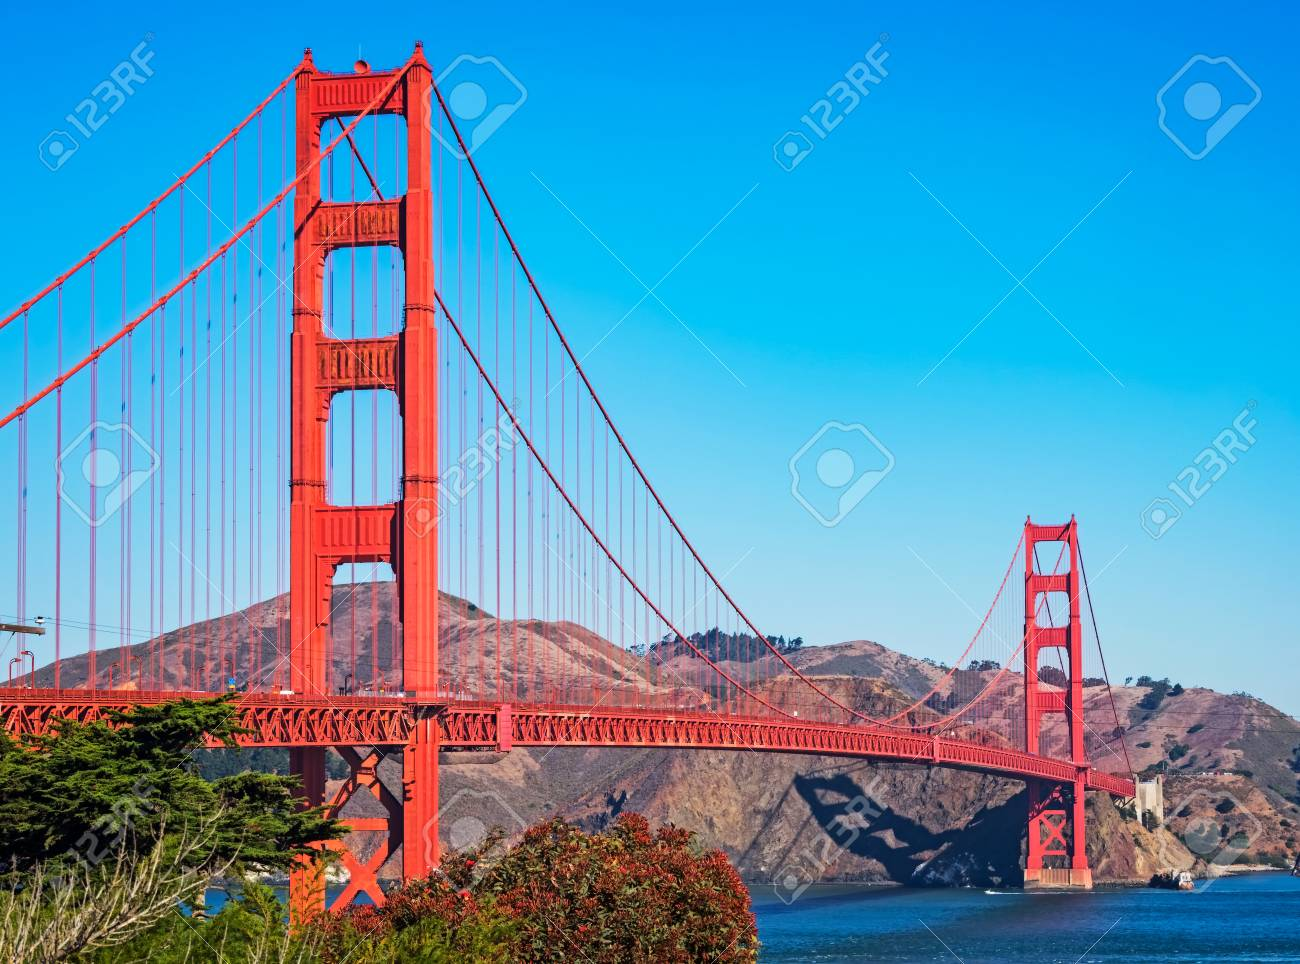 golden gate bridge, San Francisco, California, USA - 105047636